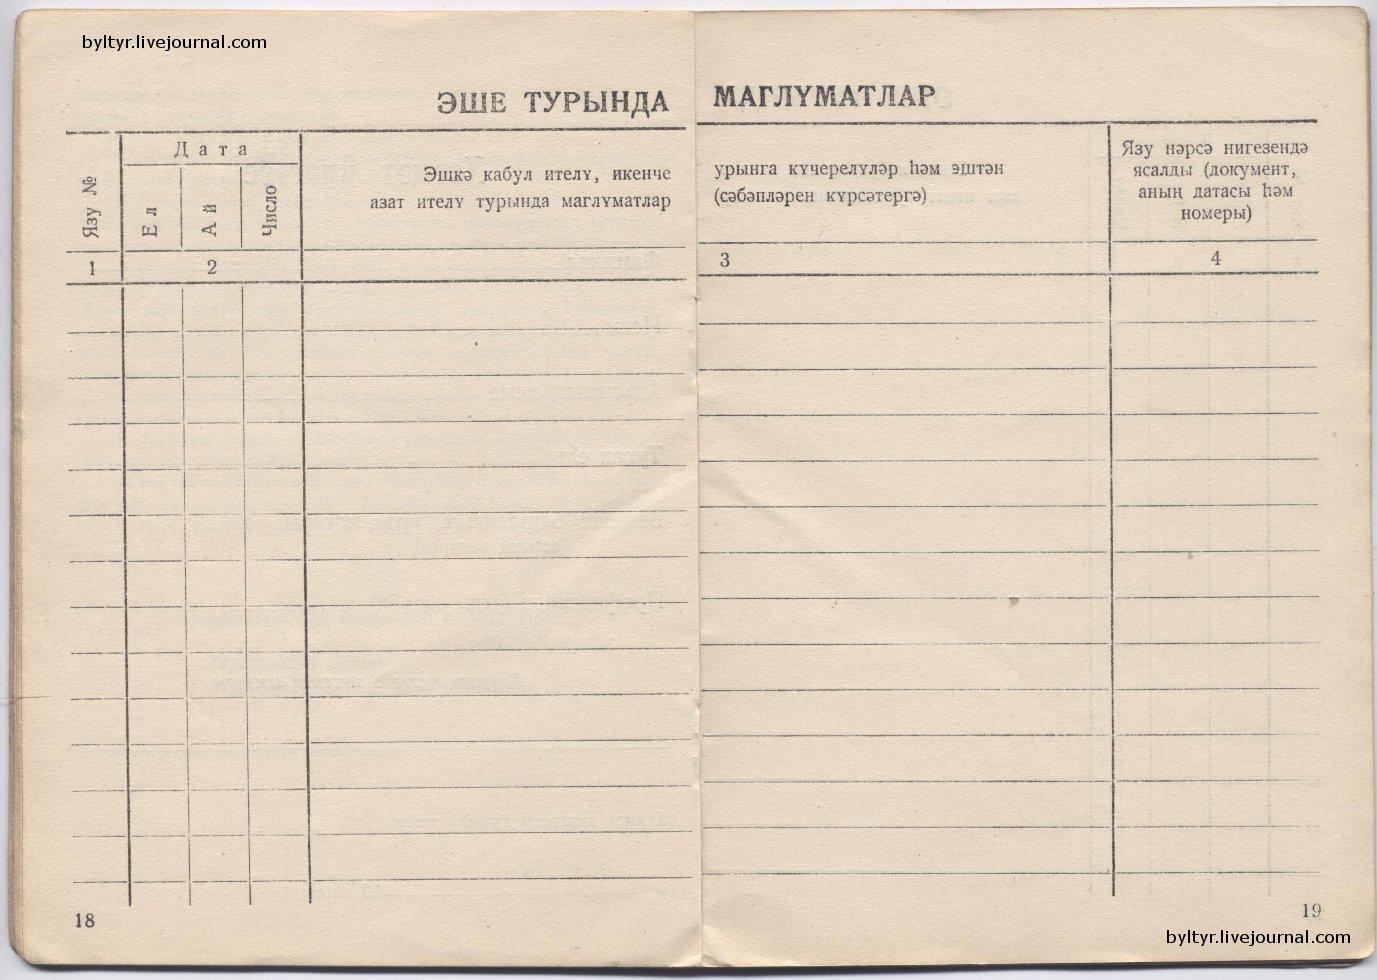 Трудовая книжка на татарском языке